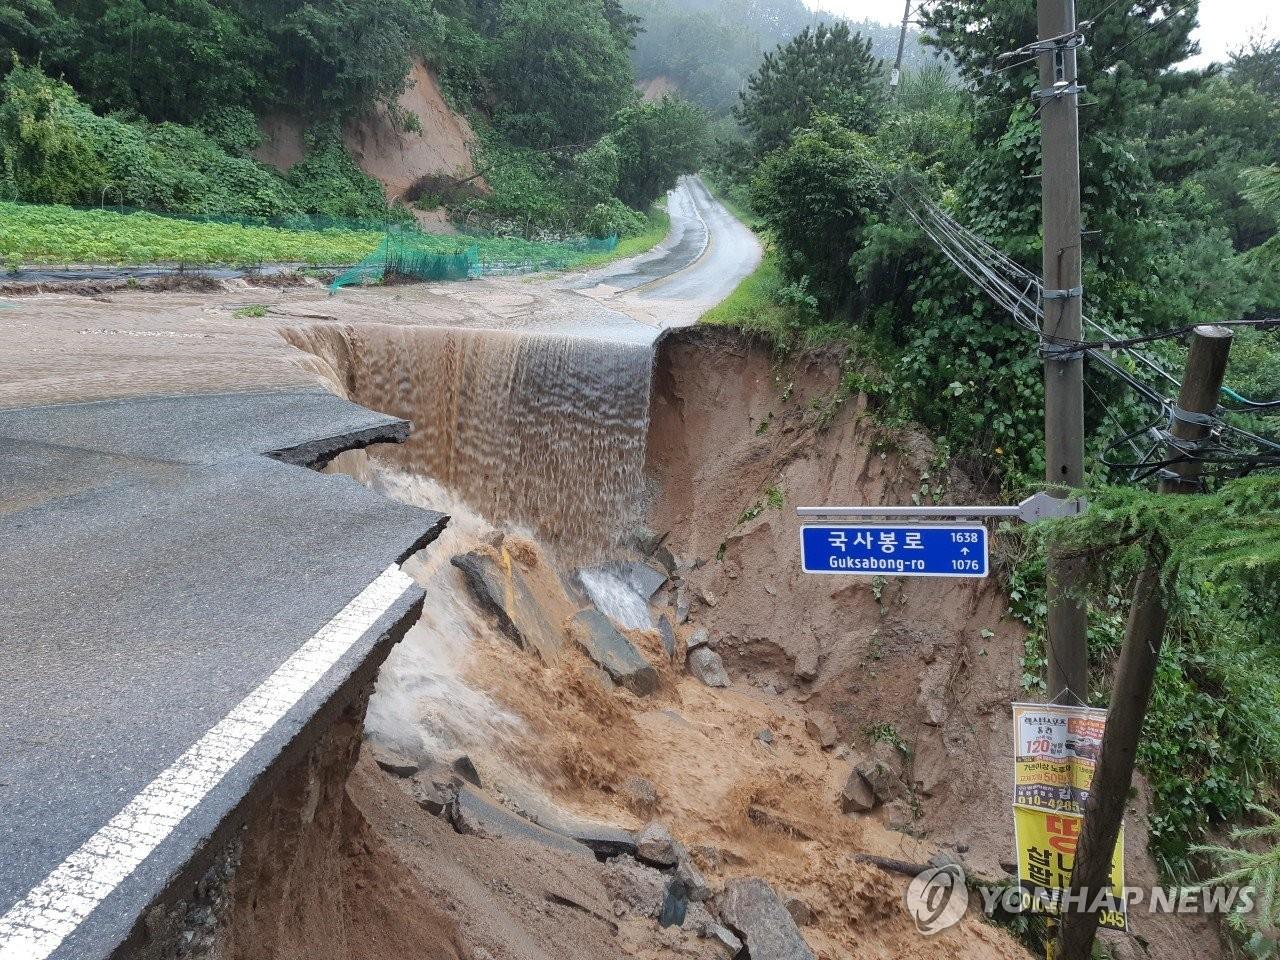 資料圖片:8月2日,忠清北道堤川市的某處路面塌陷。 韓聯社